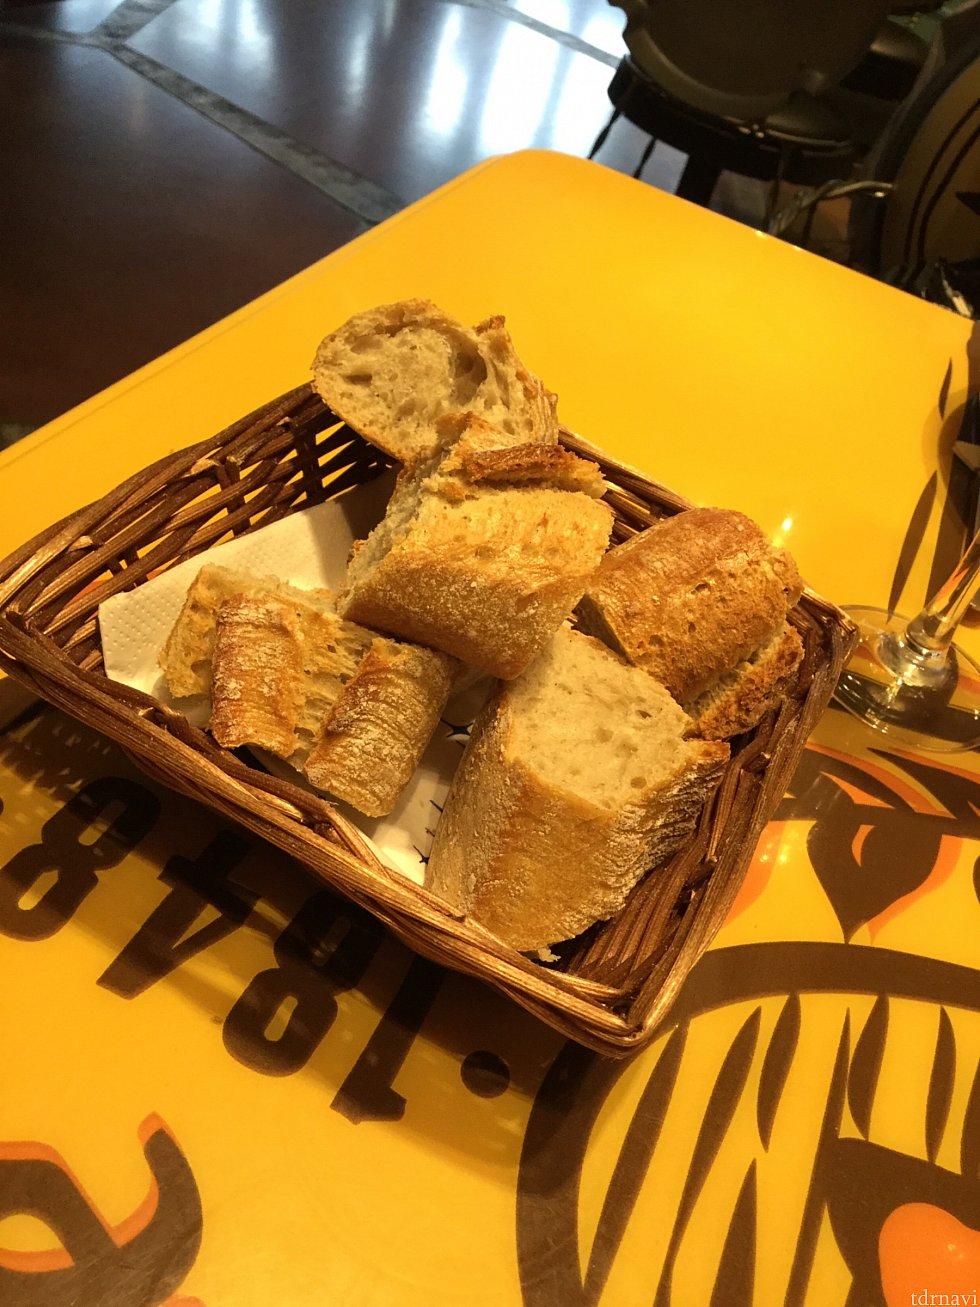 最初に出されたパン 前菜にもパンが付いていたので量的に食べられませんでした…